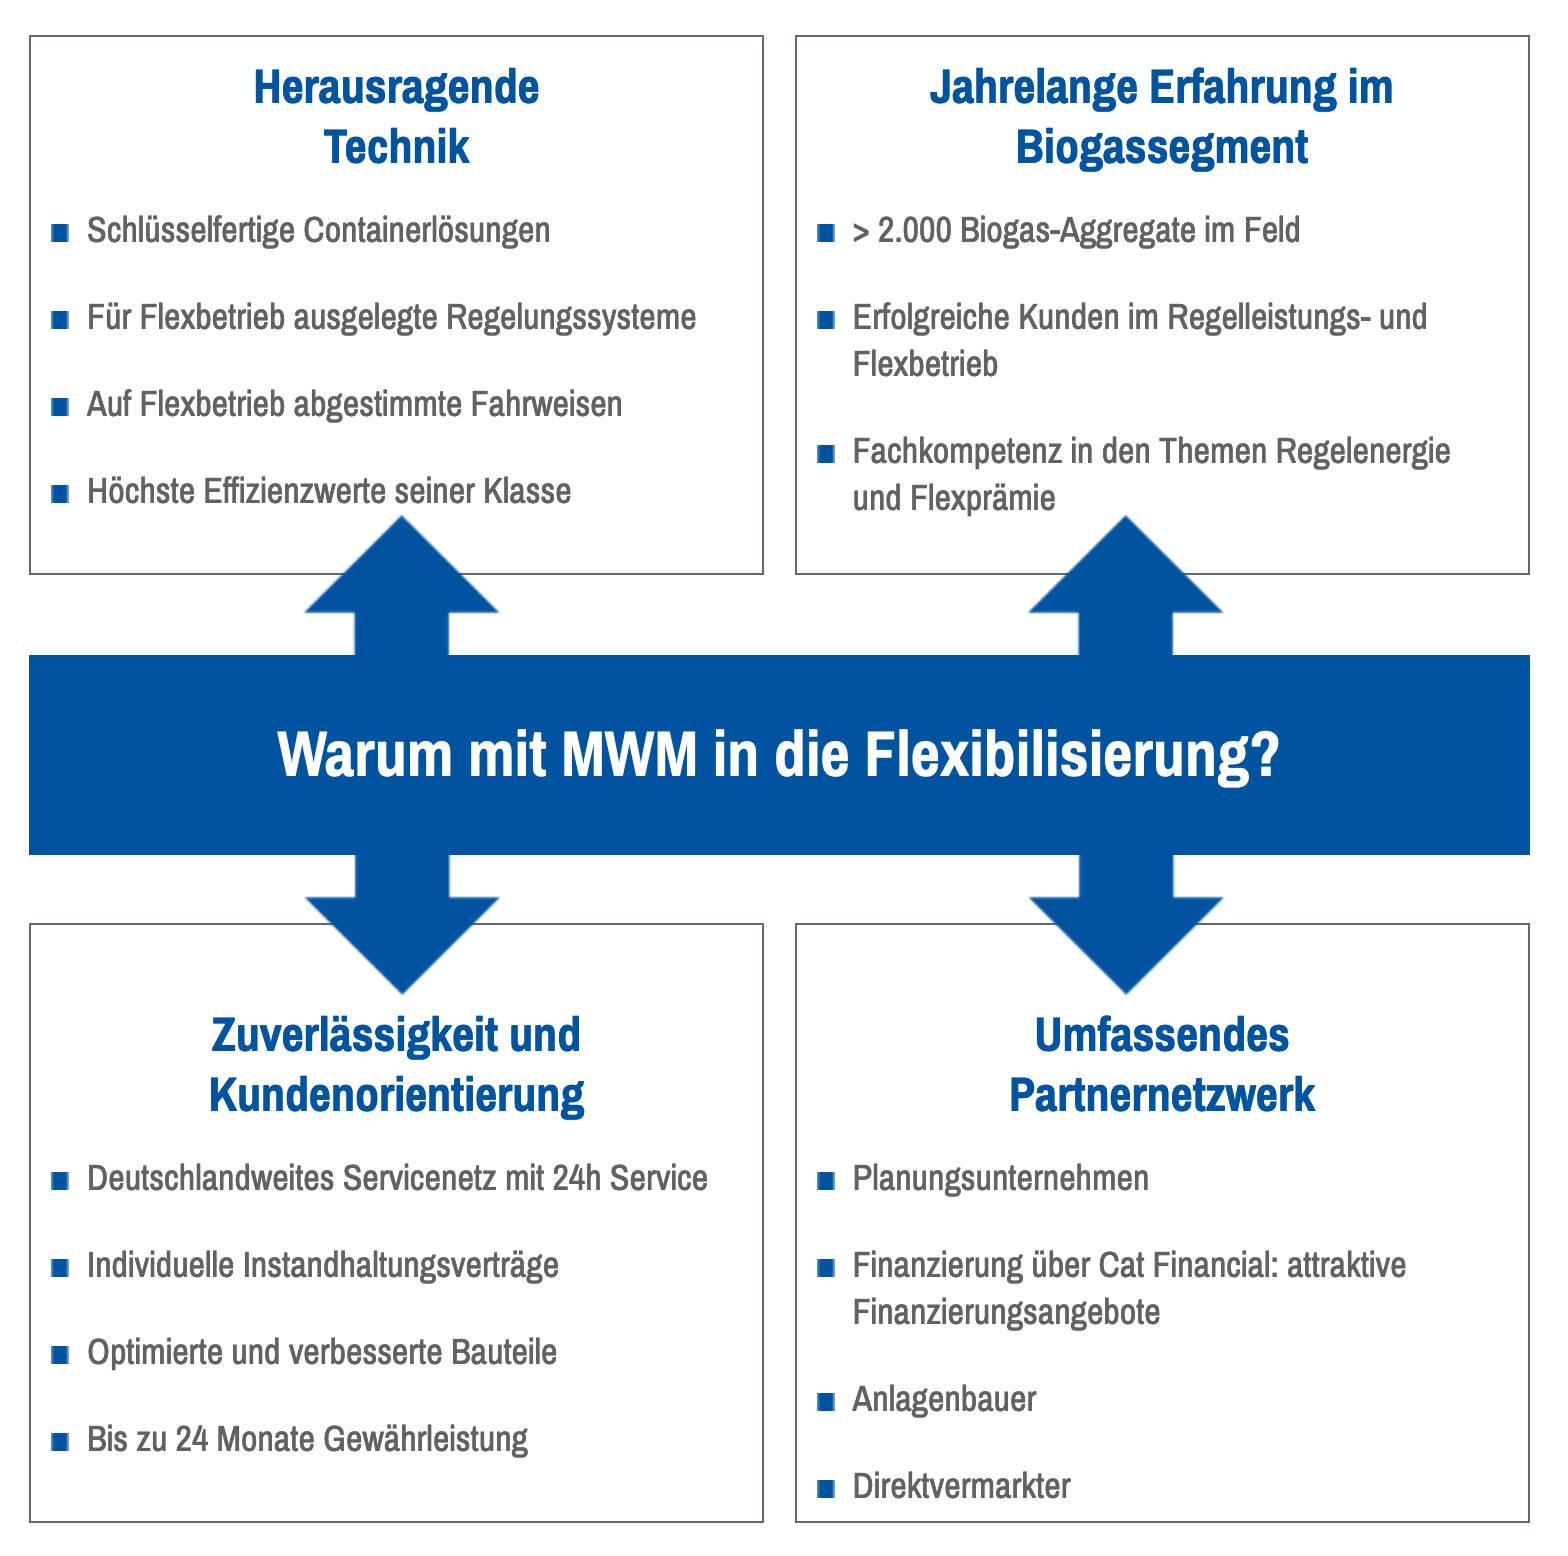 Warum mit MWM in die Flexibilisierung?